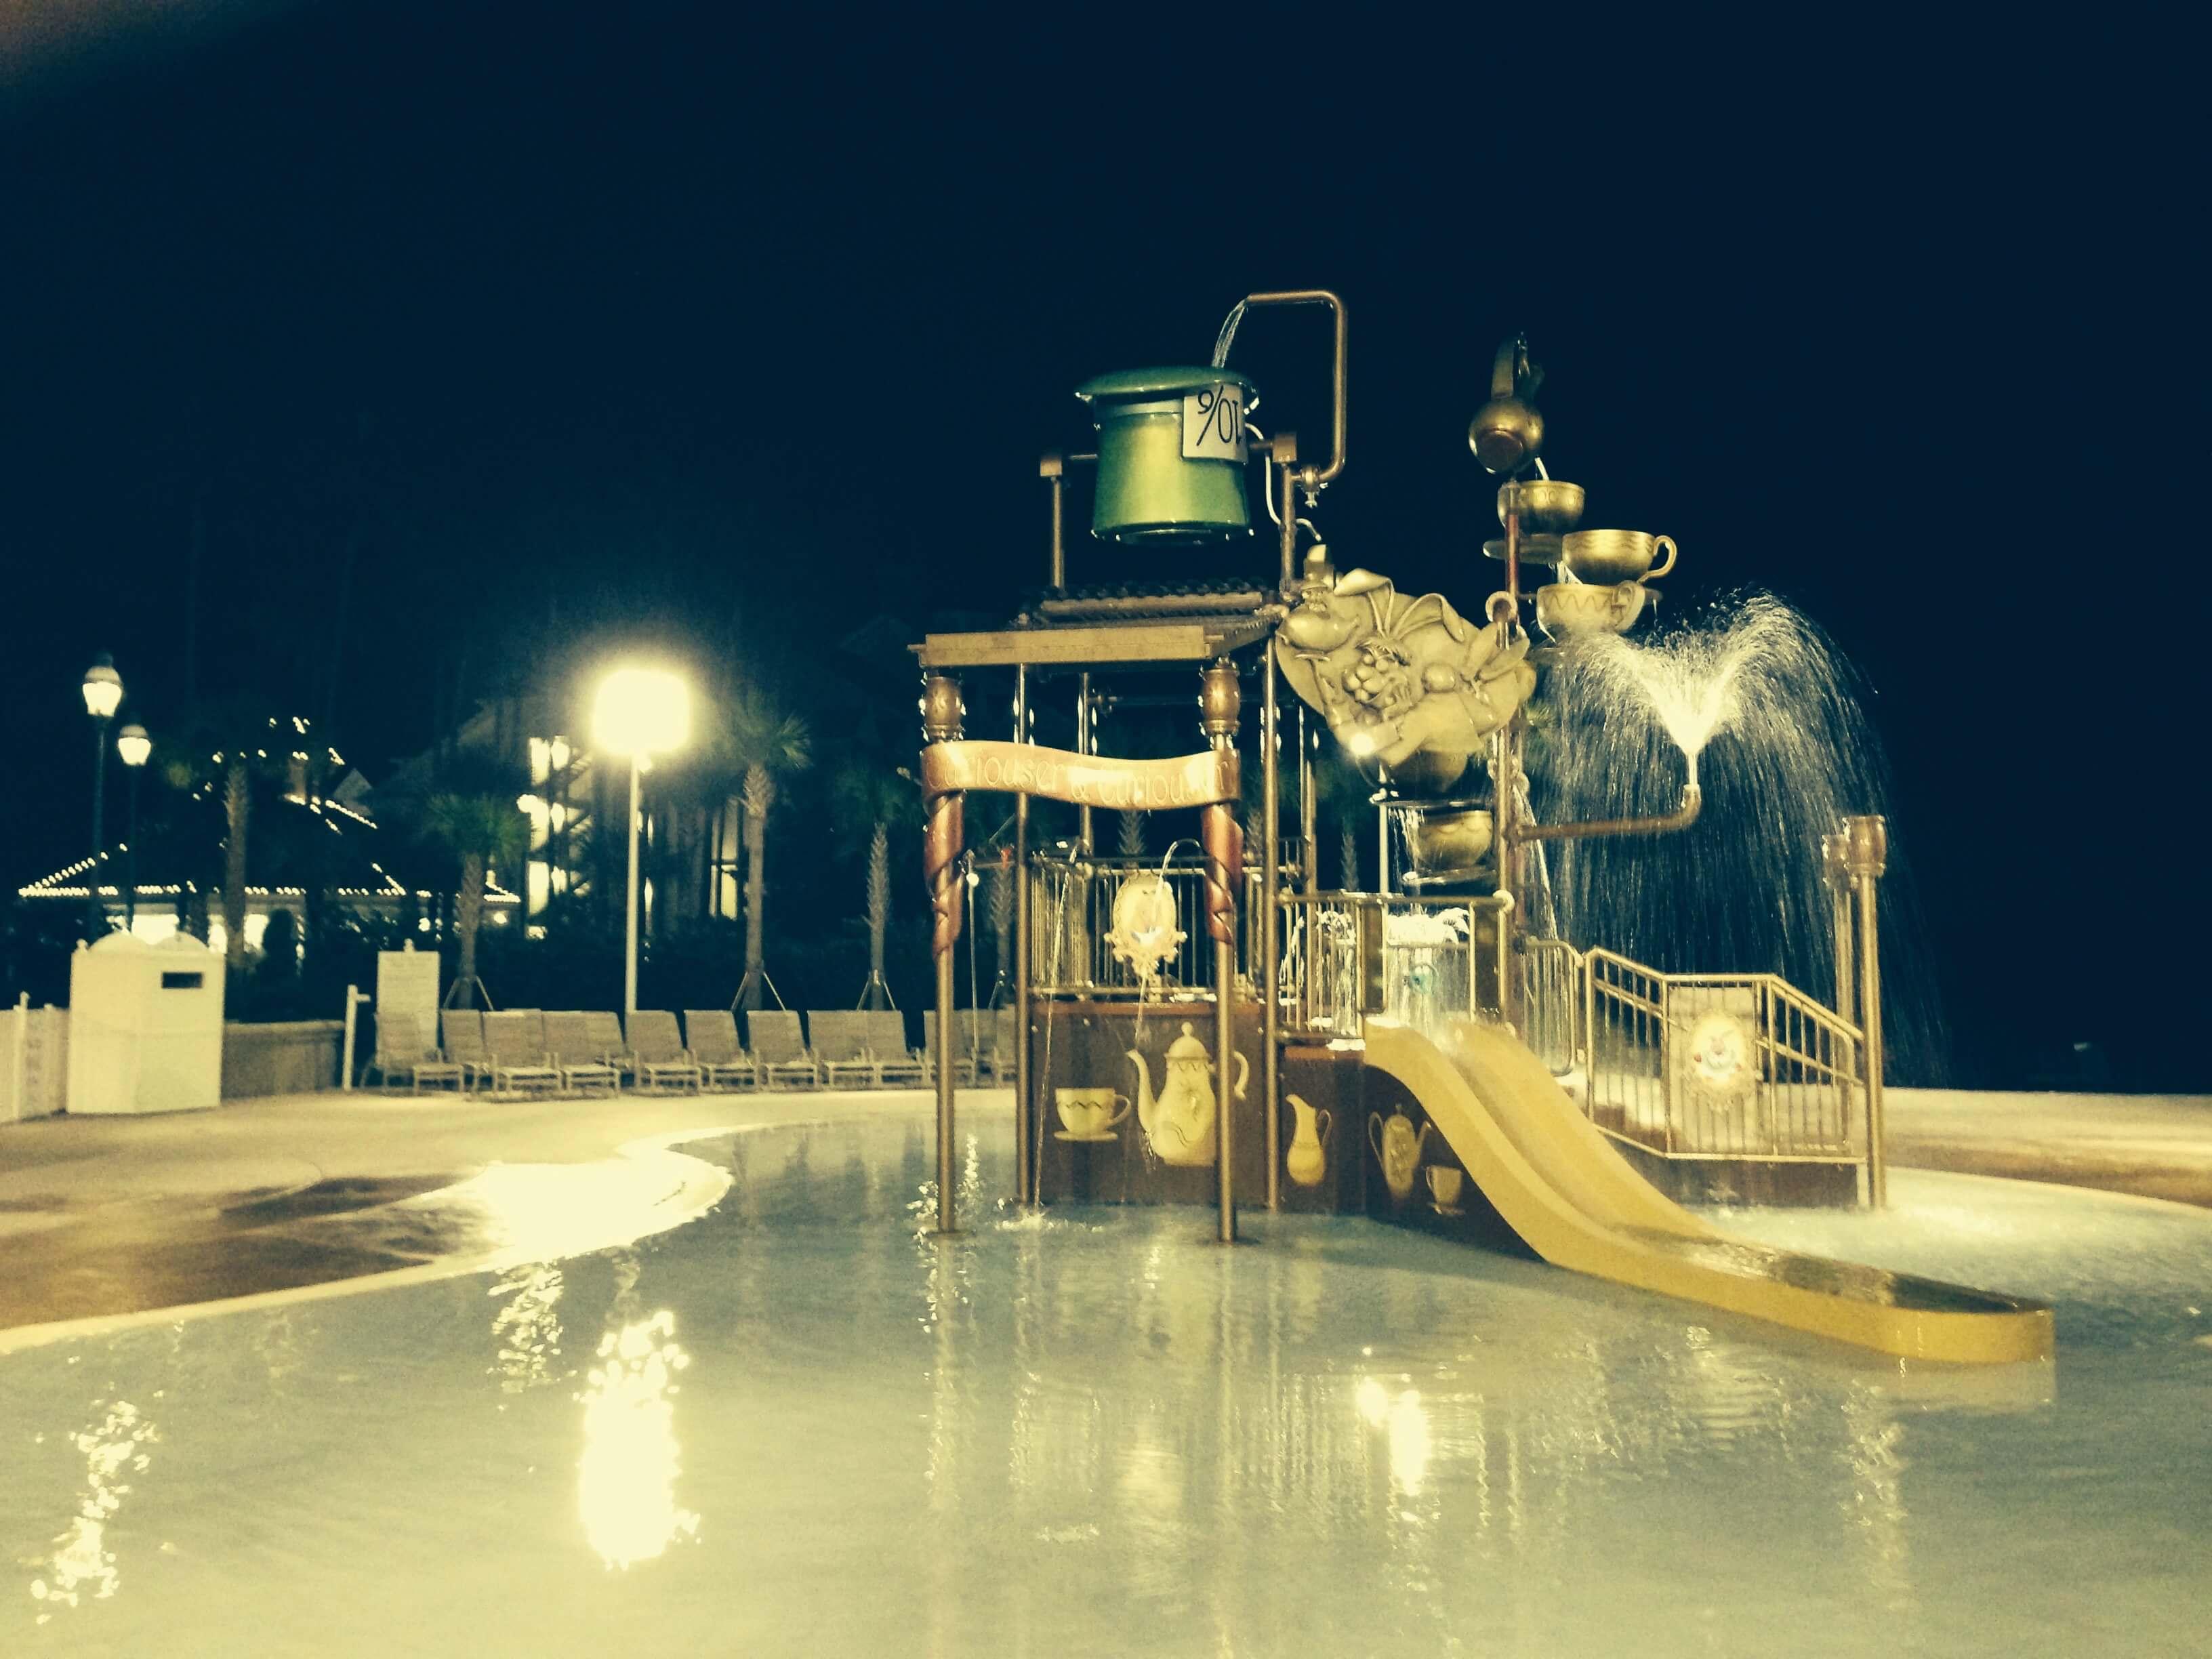 DVC GFV splashzone night